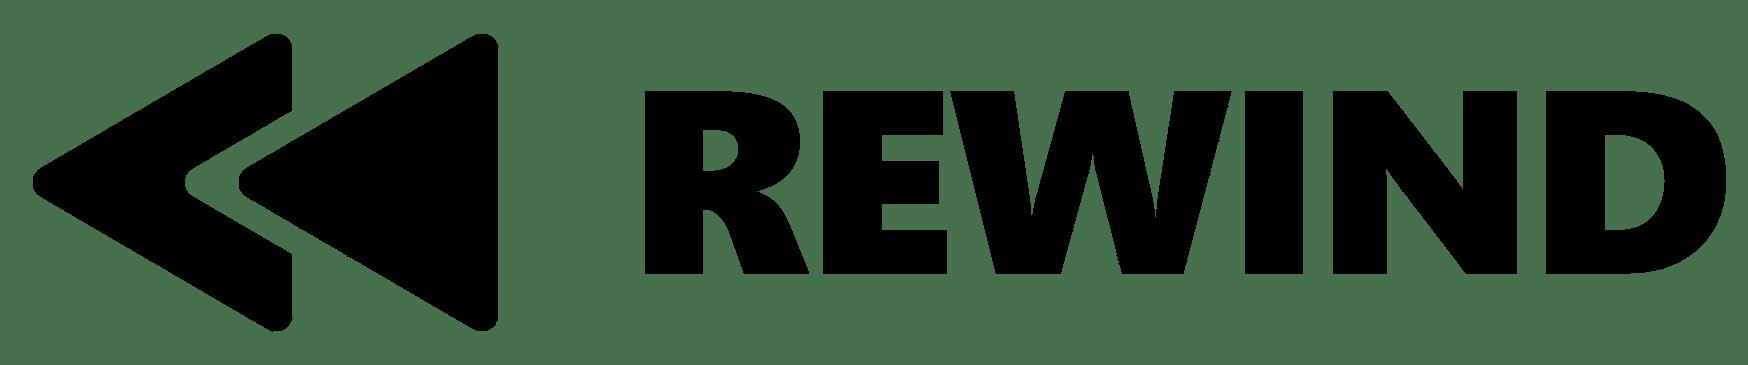 REWIND.sk – Filmy, Seriály, Hry – Všetko čo stojí za pozretie